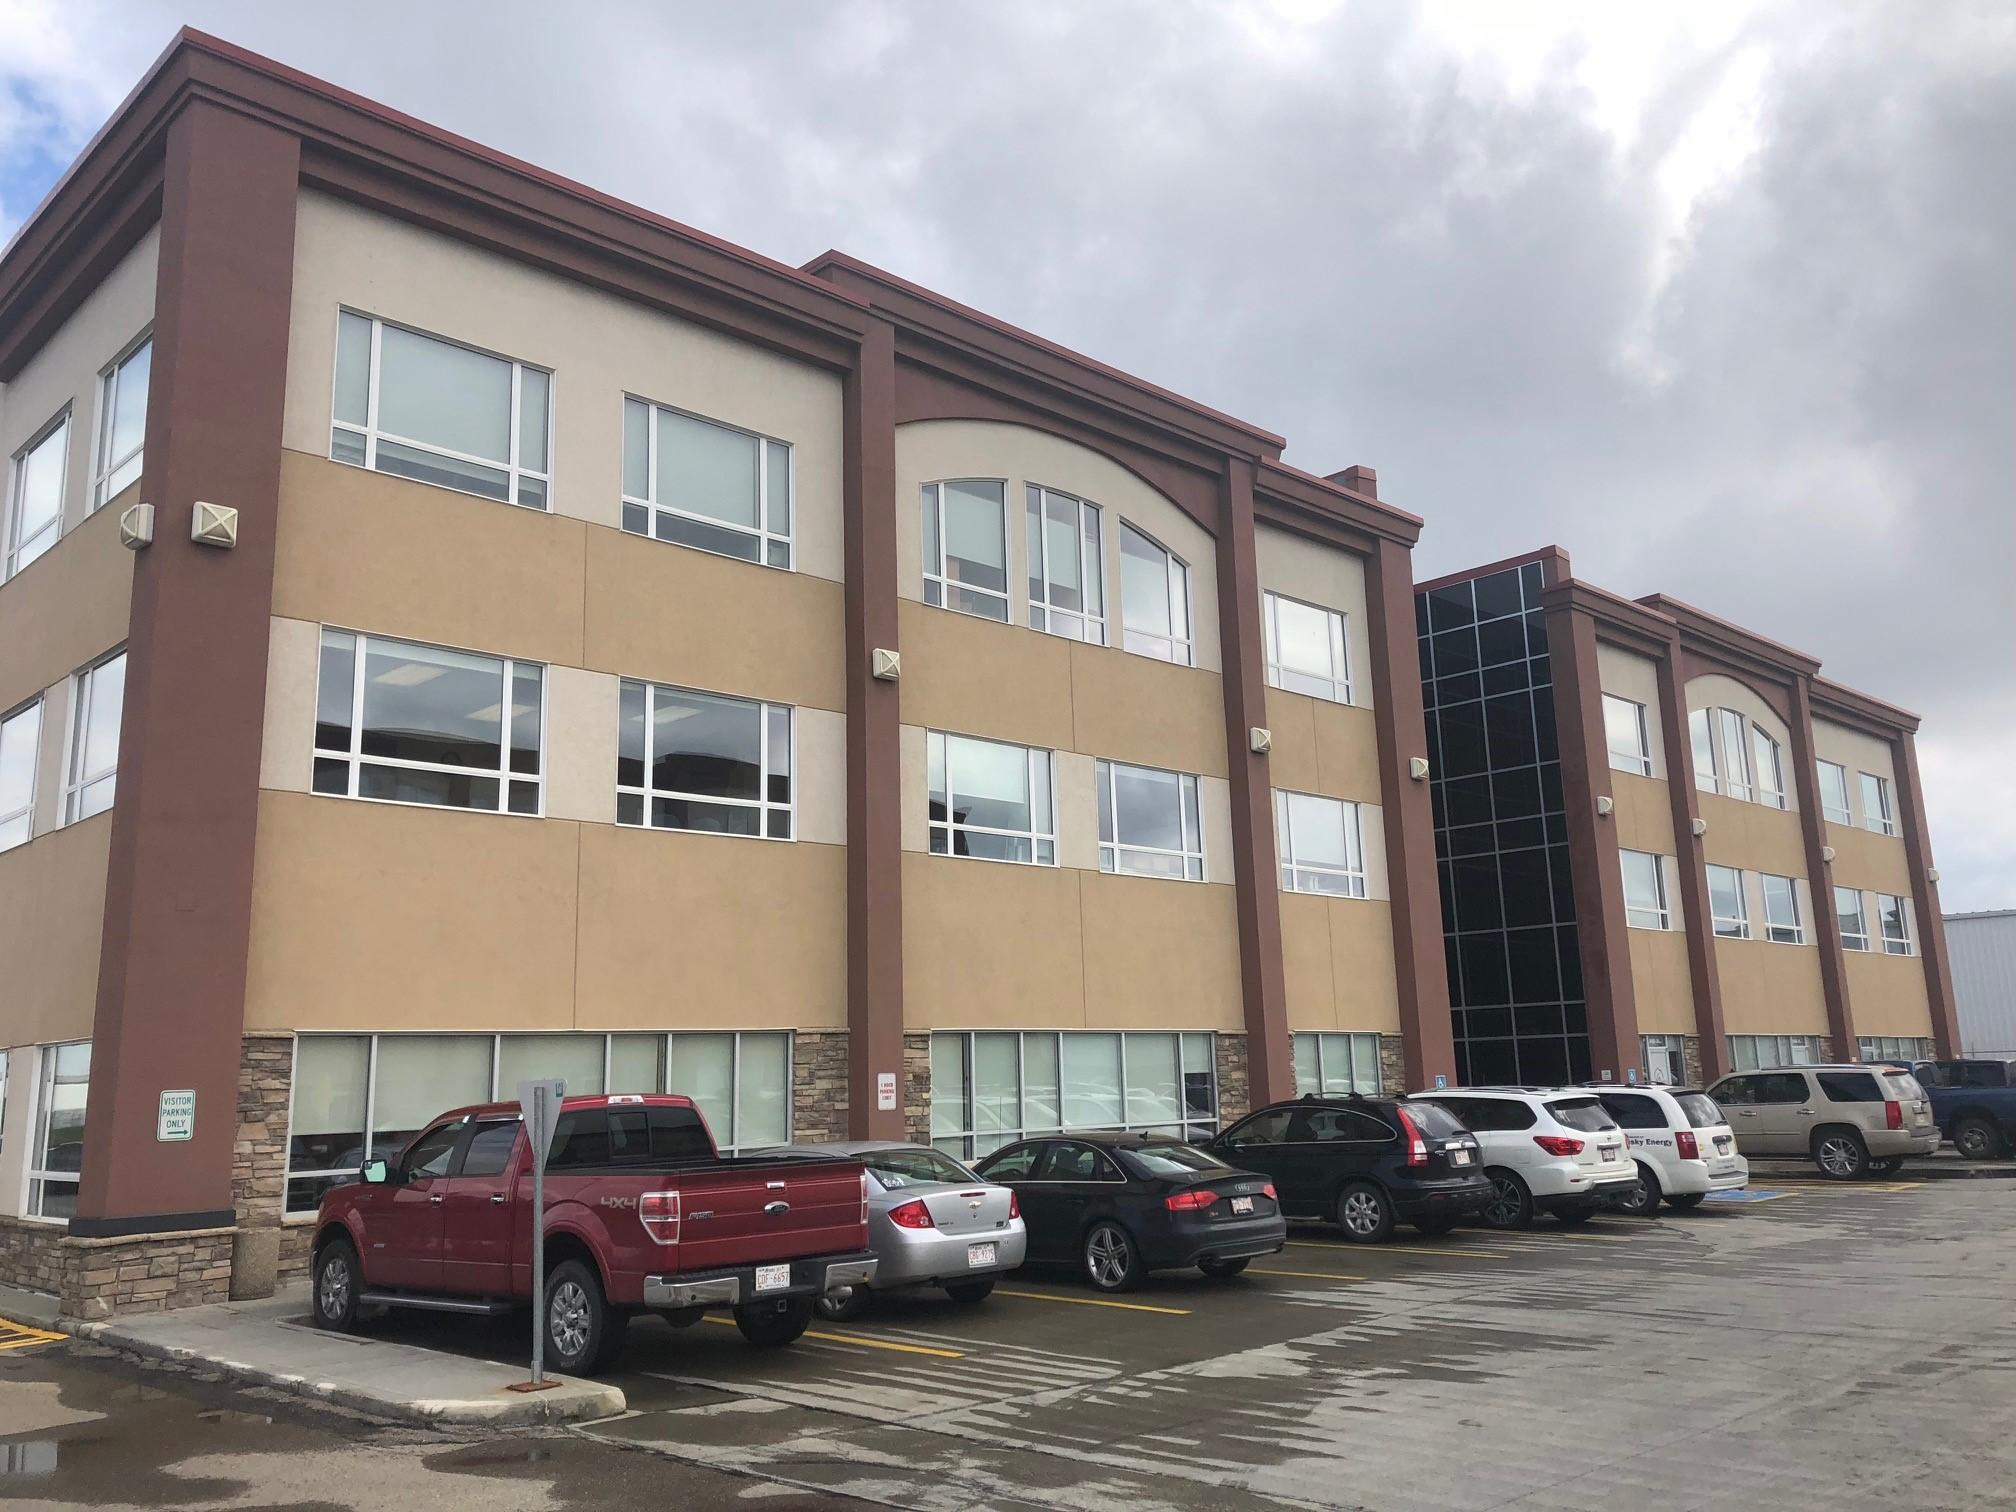 110 Elm Business Park Building 2 9470 51 Avenue NW